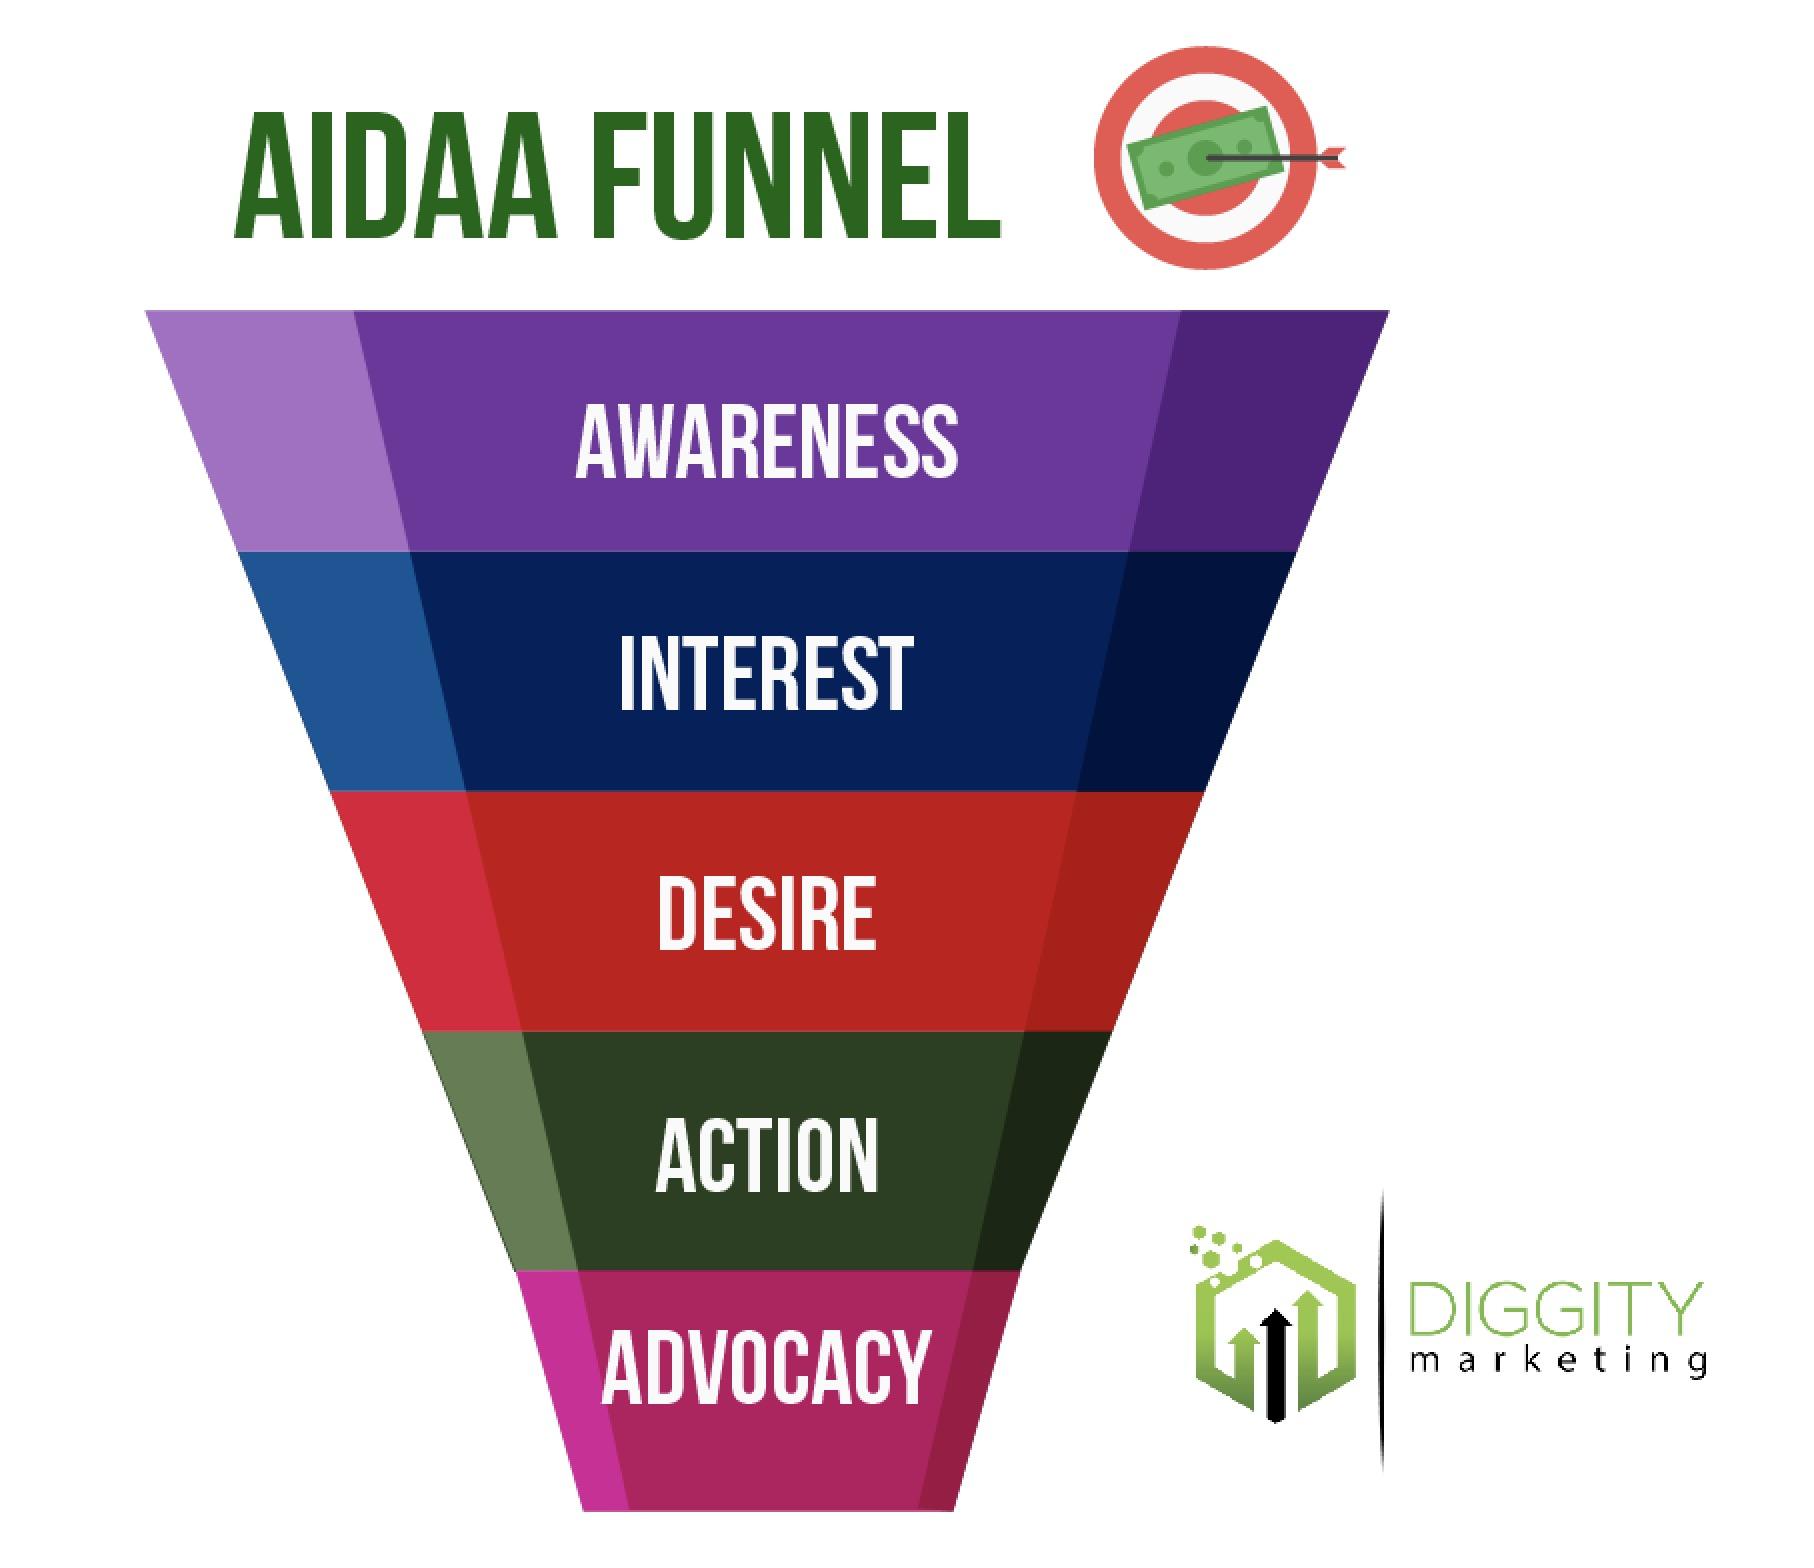 AIDAA Funnel